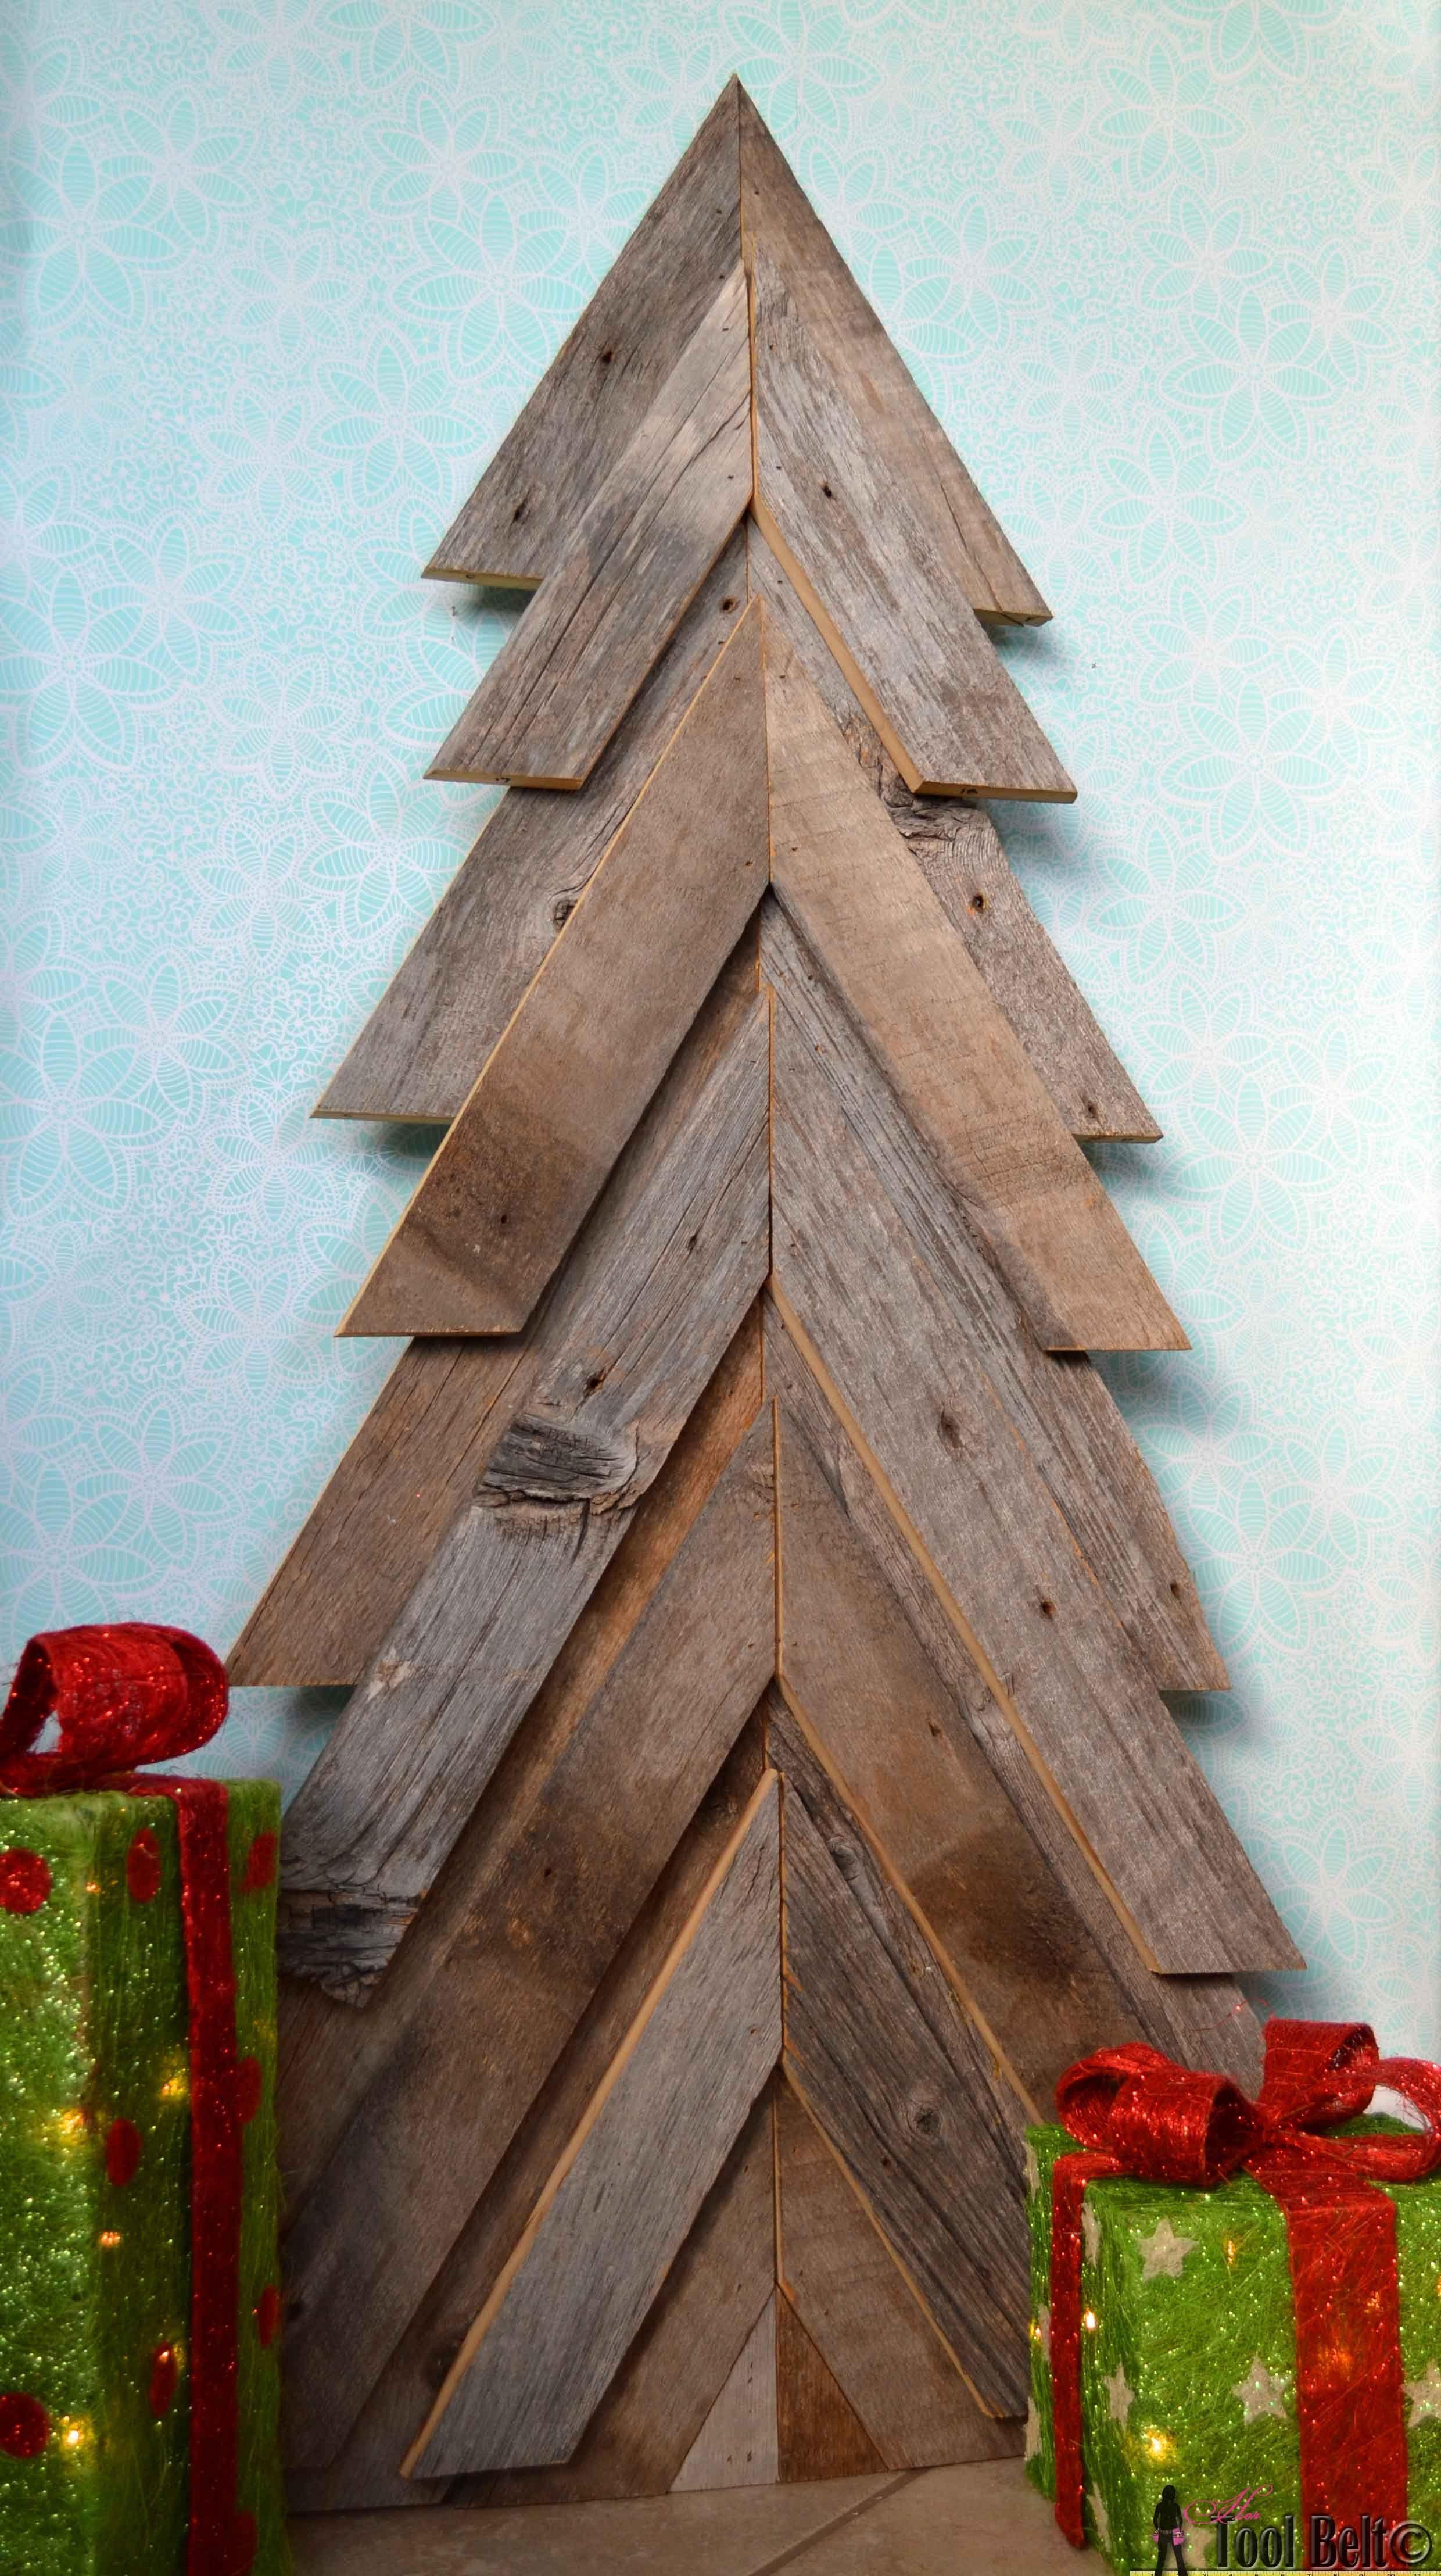 Rustic Christmas Tree Her Tool Belt Pallet Christmas Tree Rustic Christmas Tree Christmas Decorations Rustic